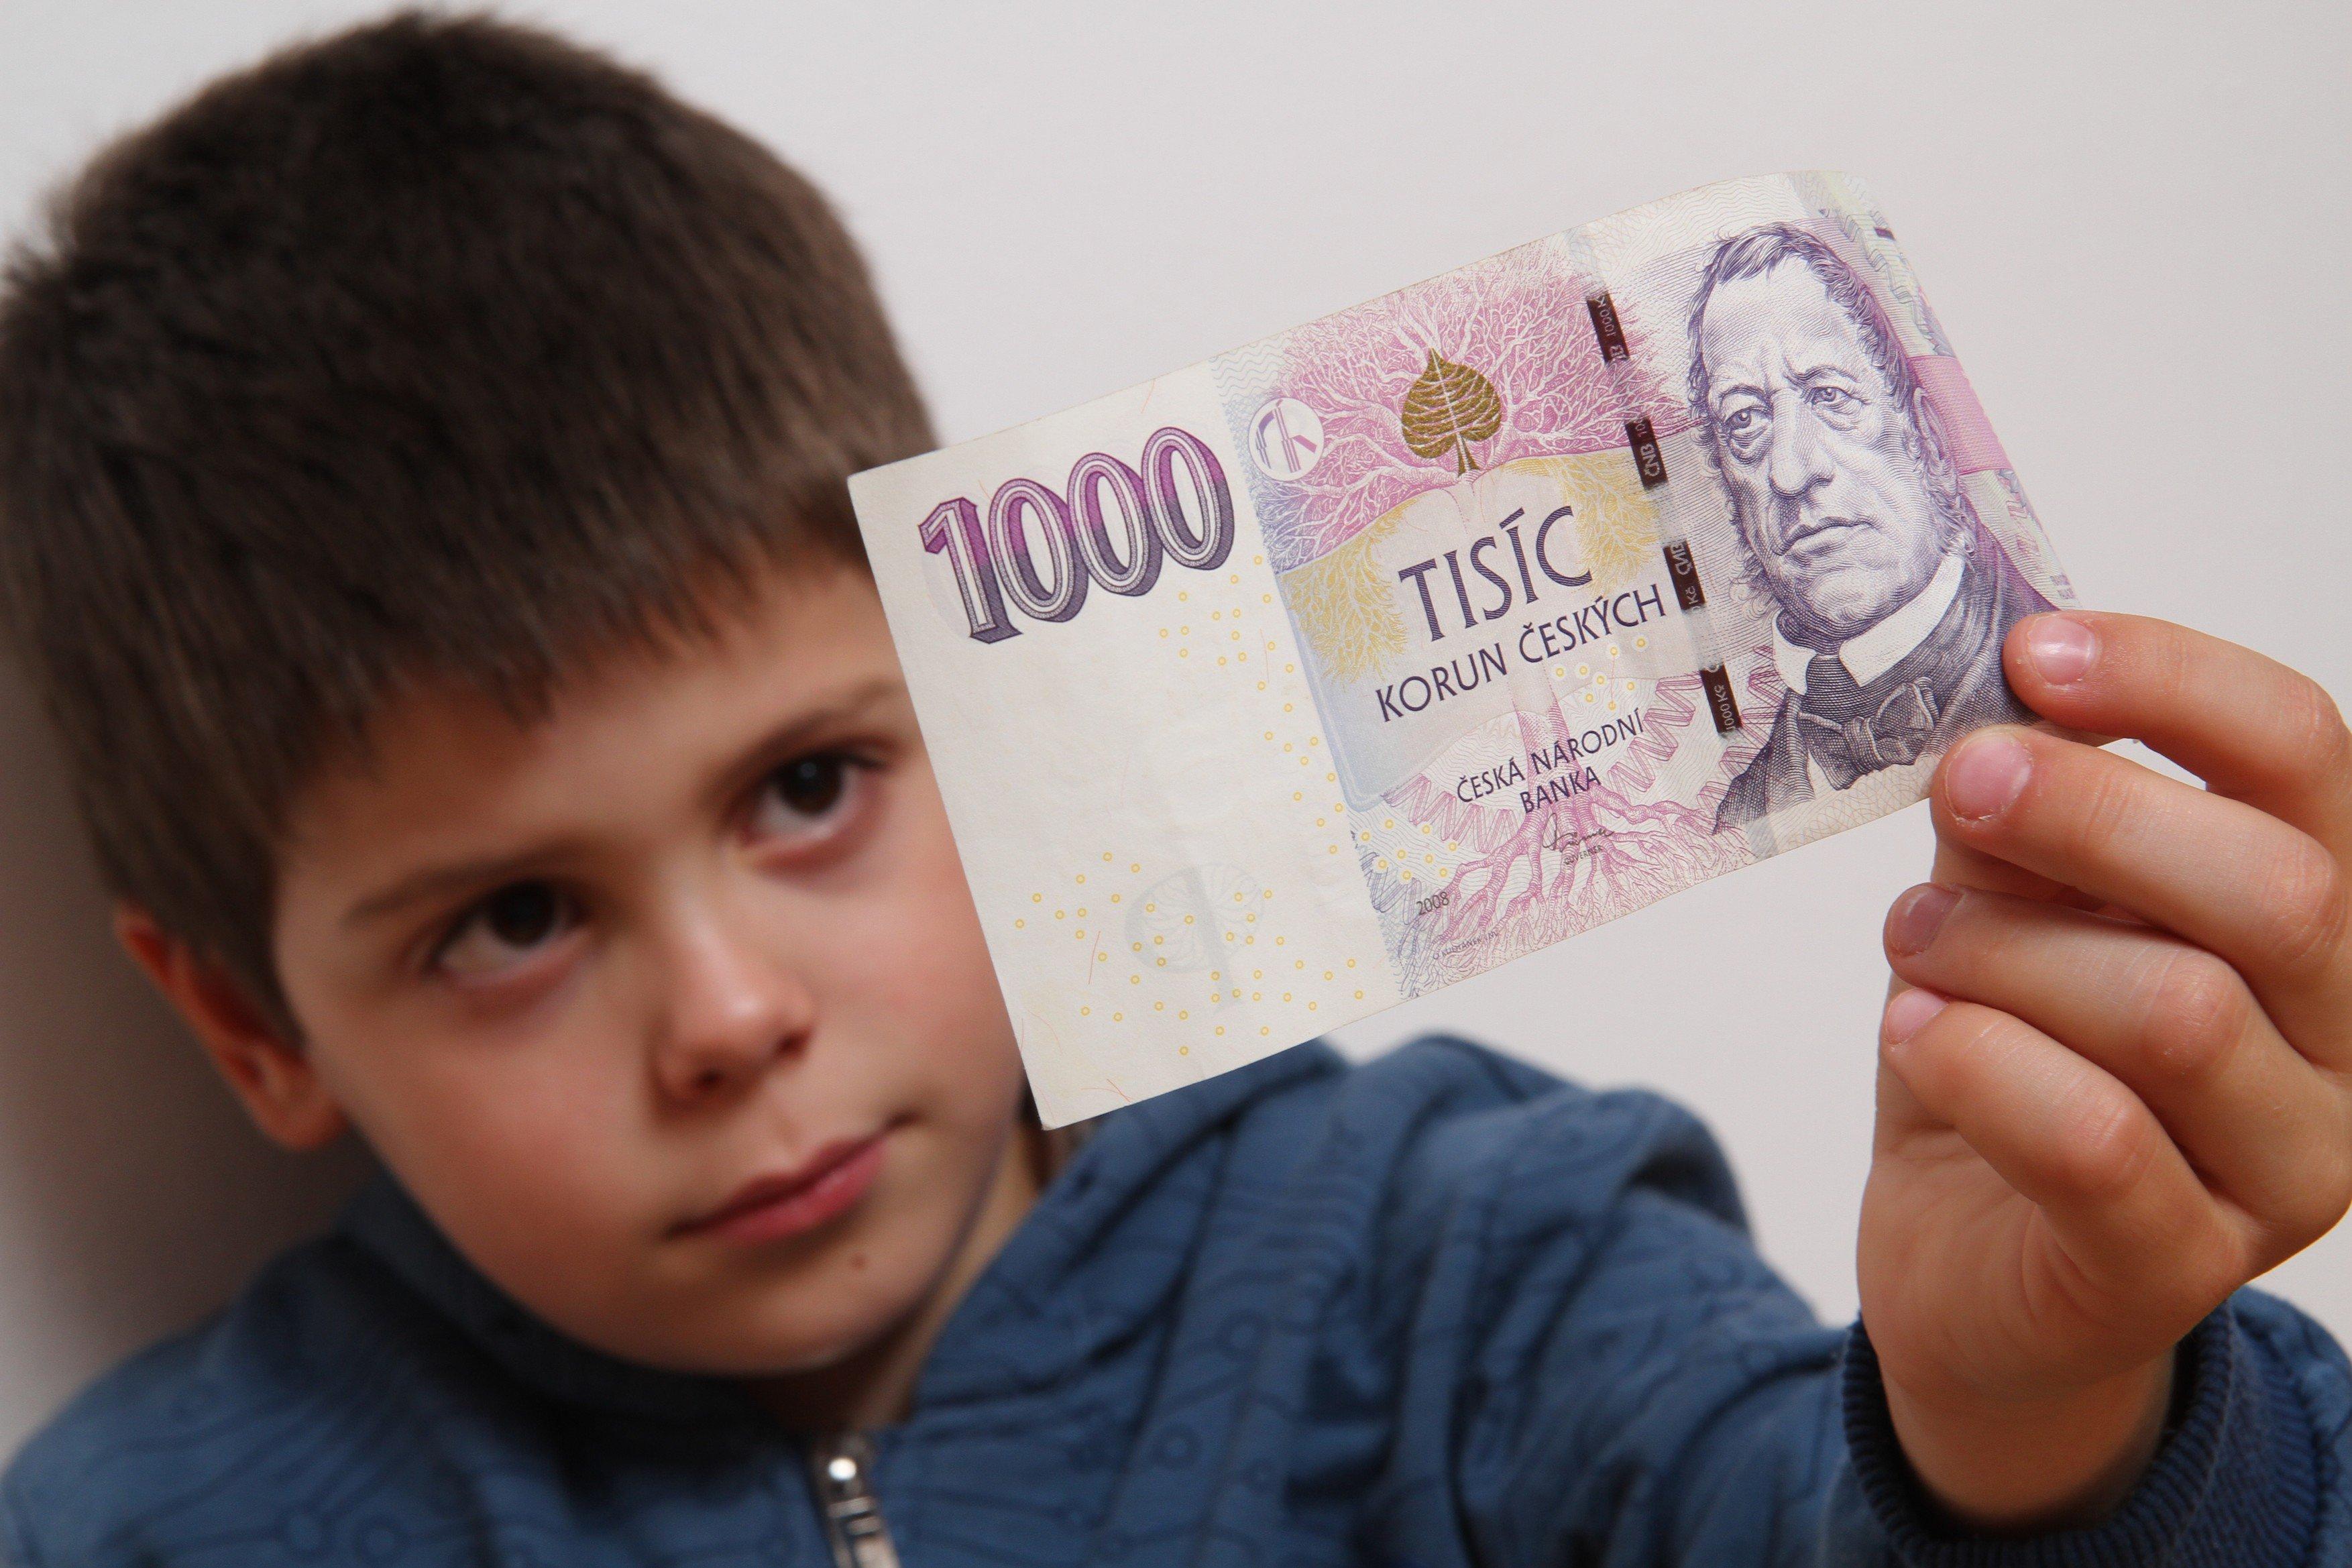 Díte a peníze, tisícovka